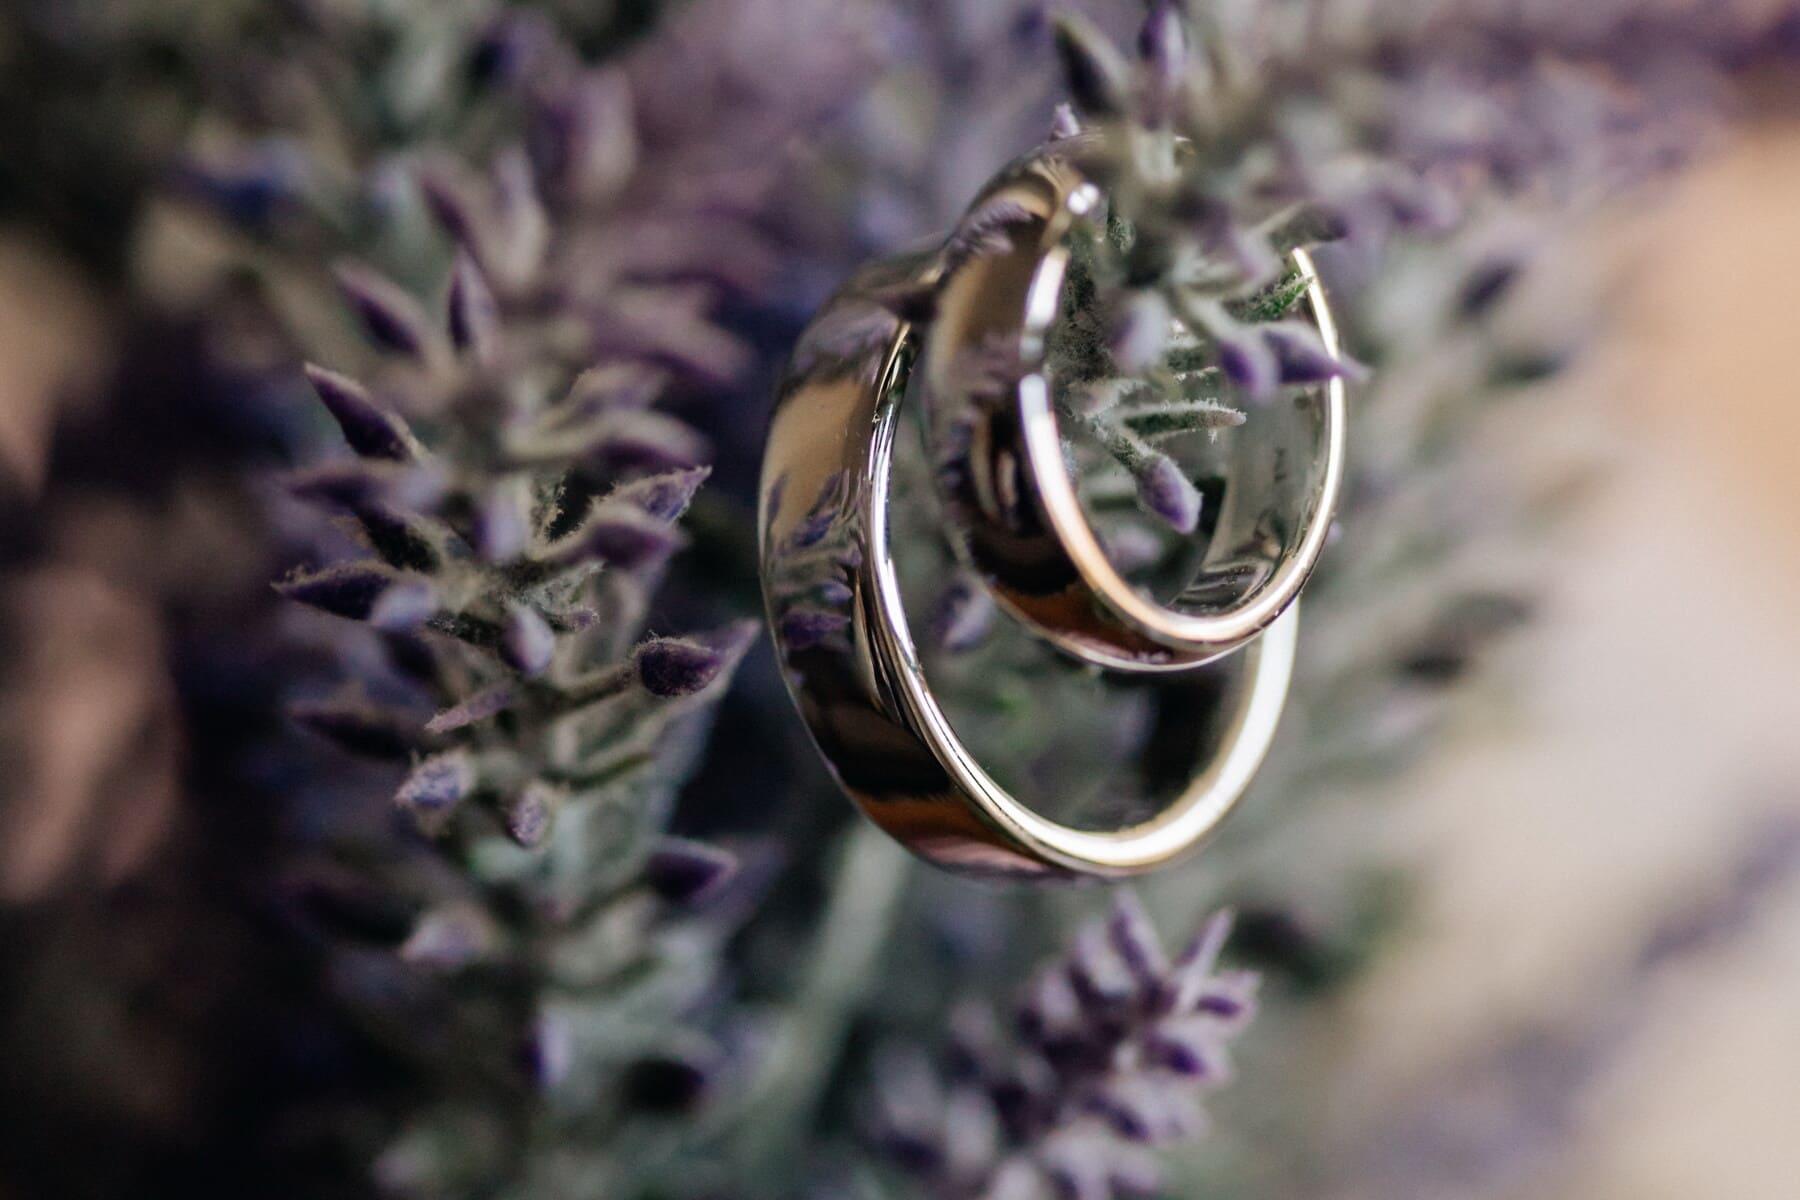 ringer, gull, fokus, skinner, refleksjon, kvist, nært hold, lavendel, blomst, Blur